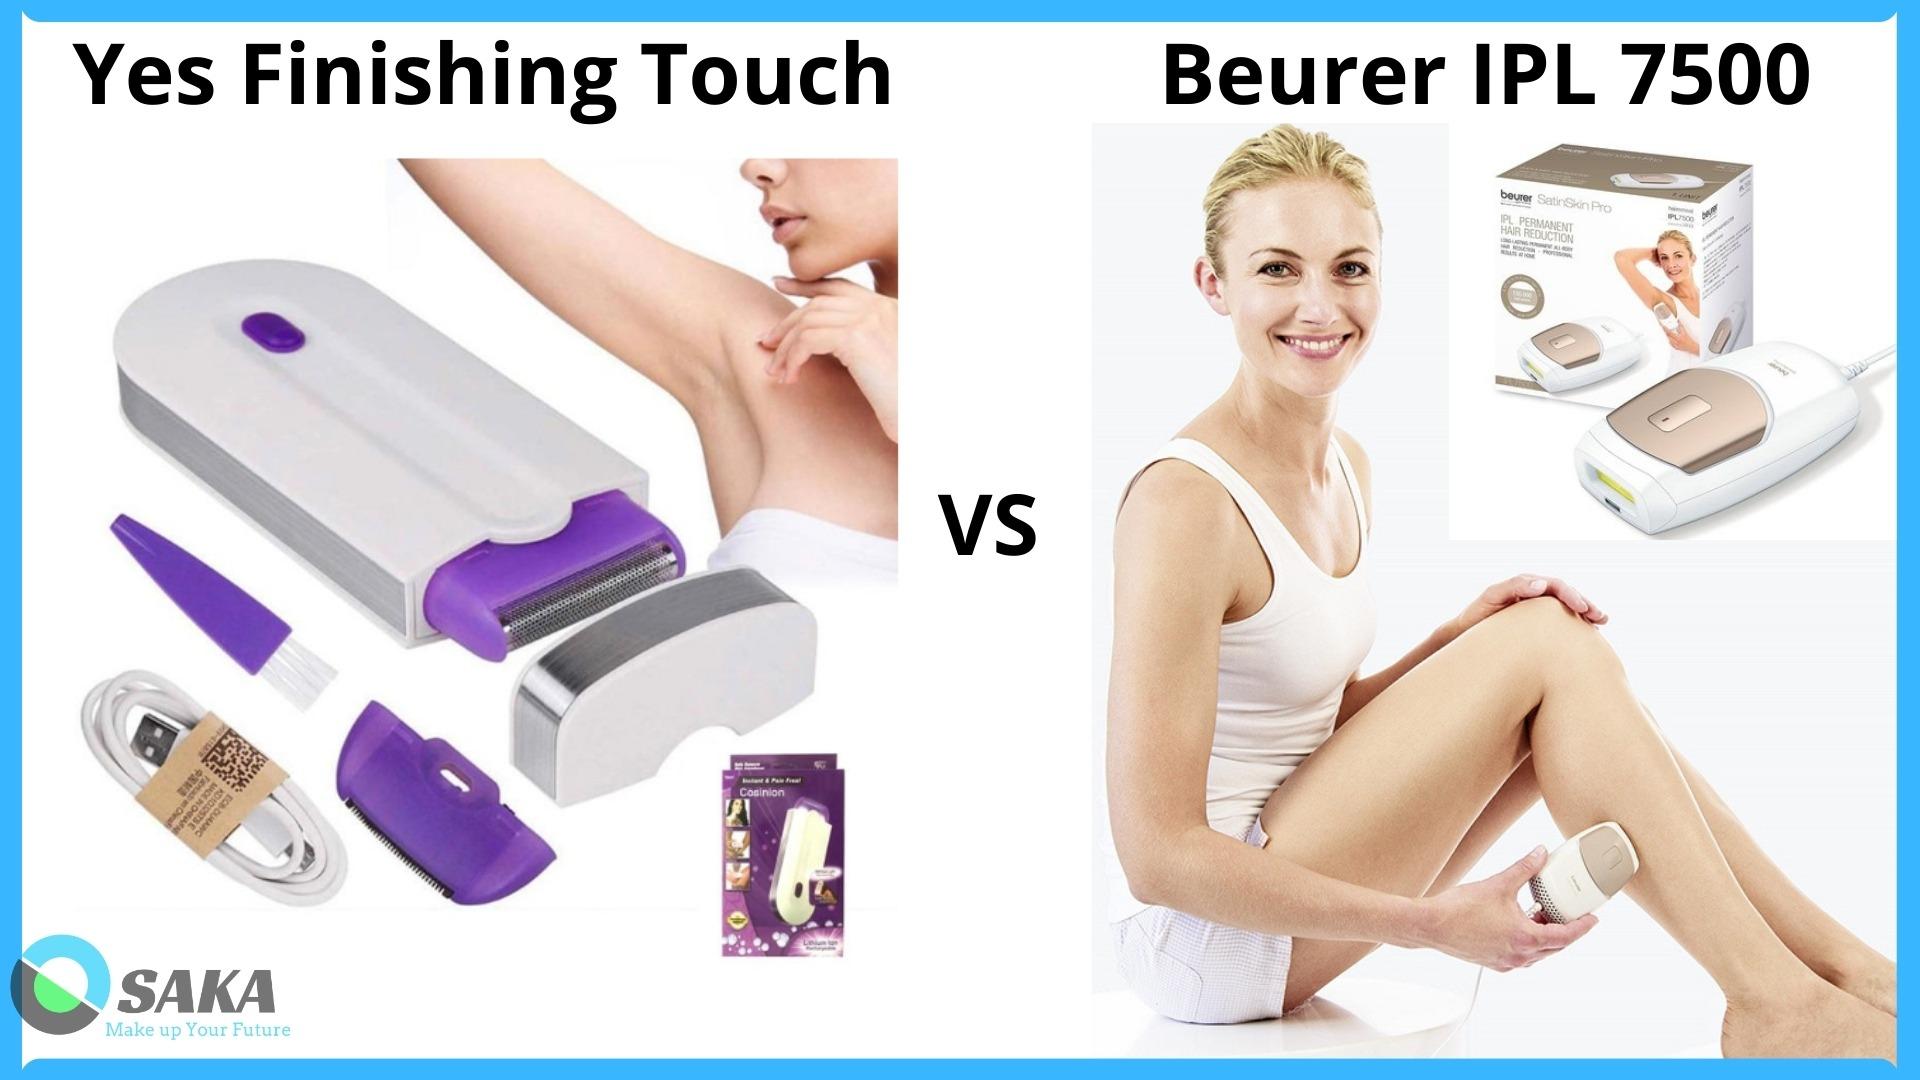 thiết bị máy triệt lông máy triệt lông yes finishing touch